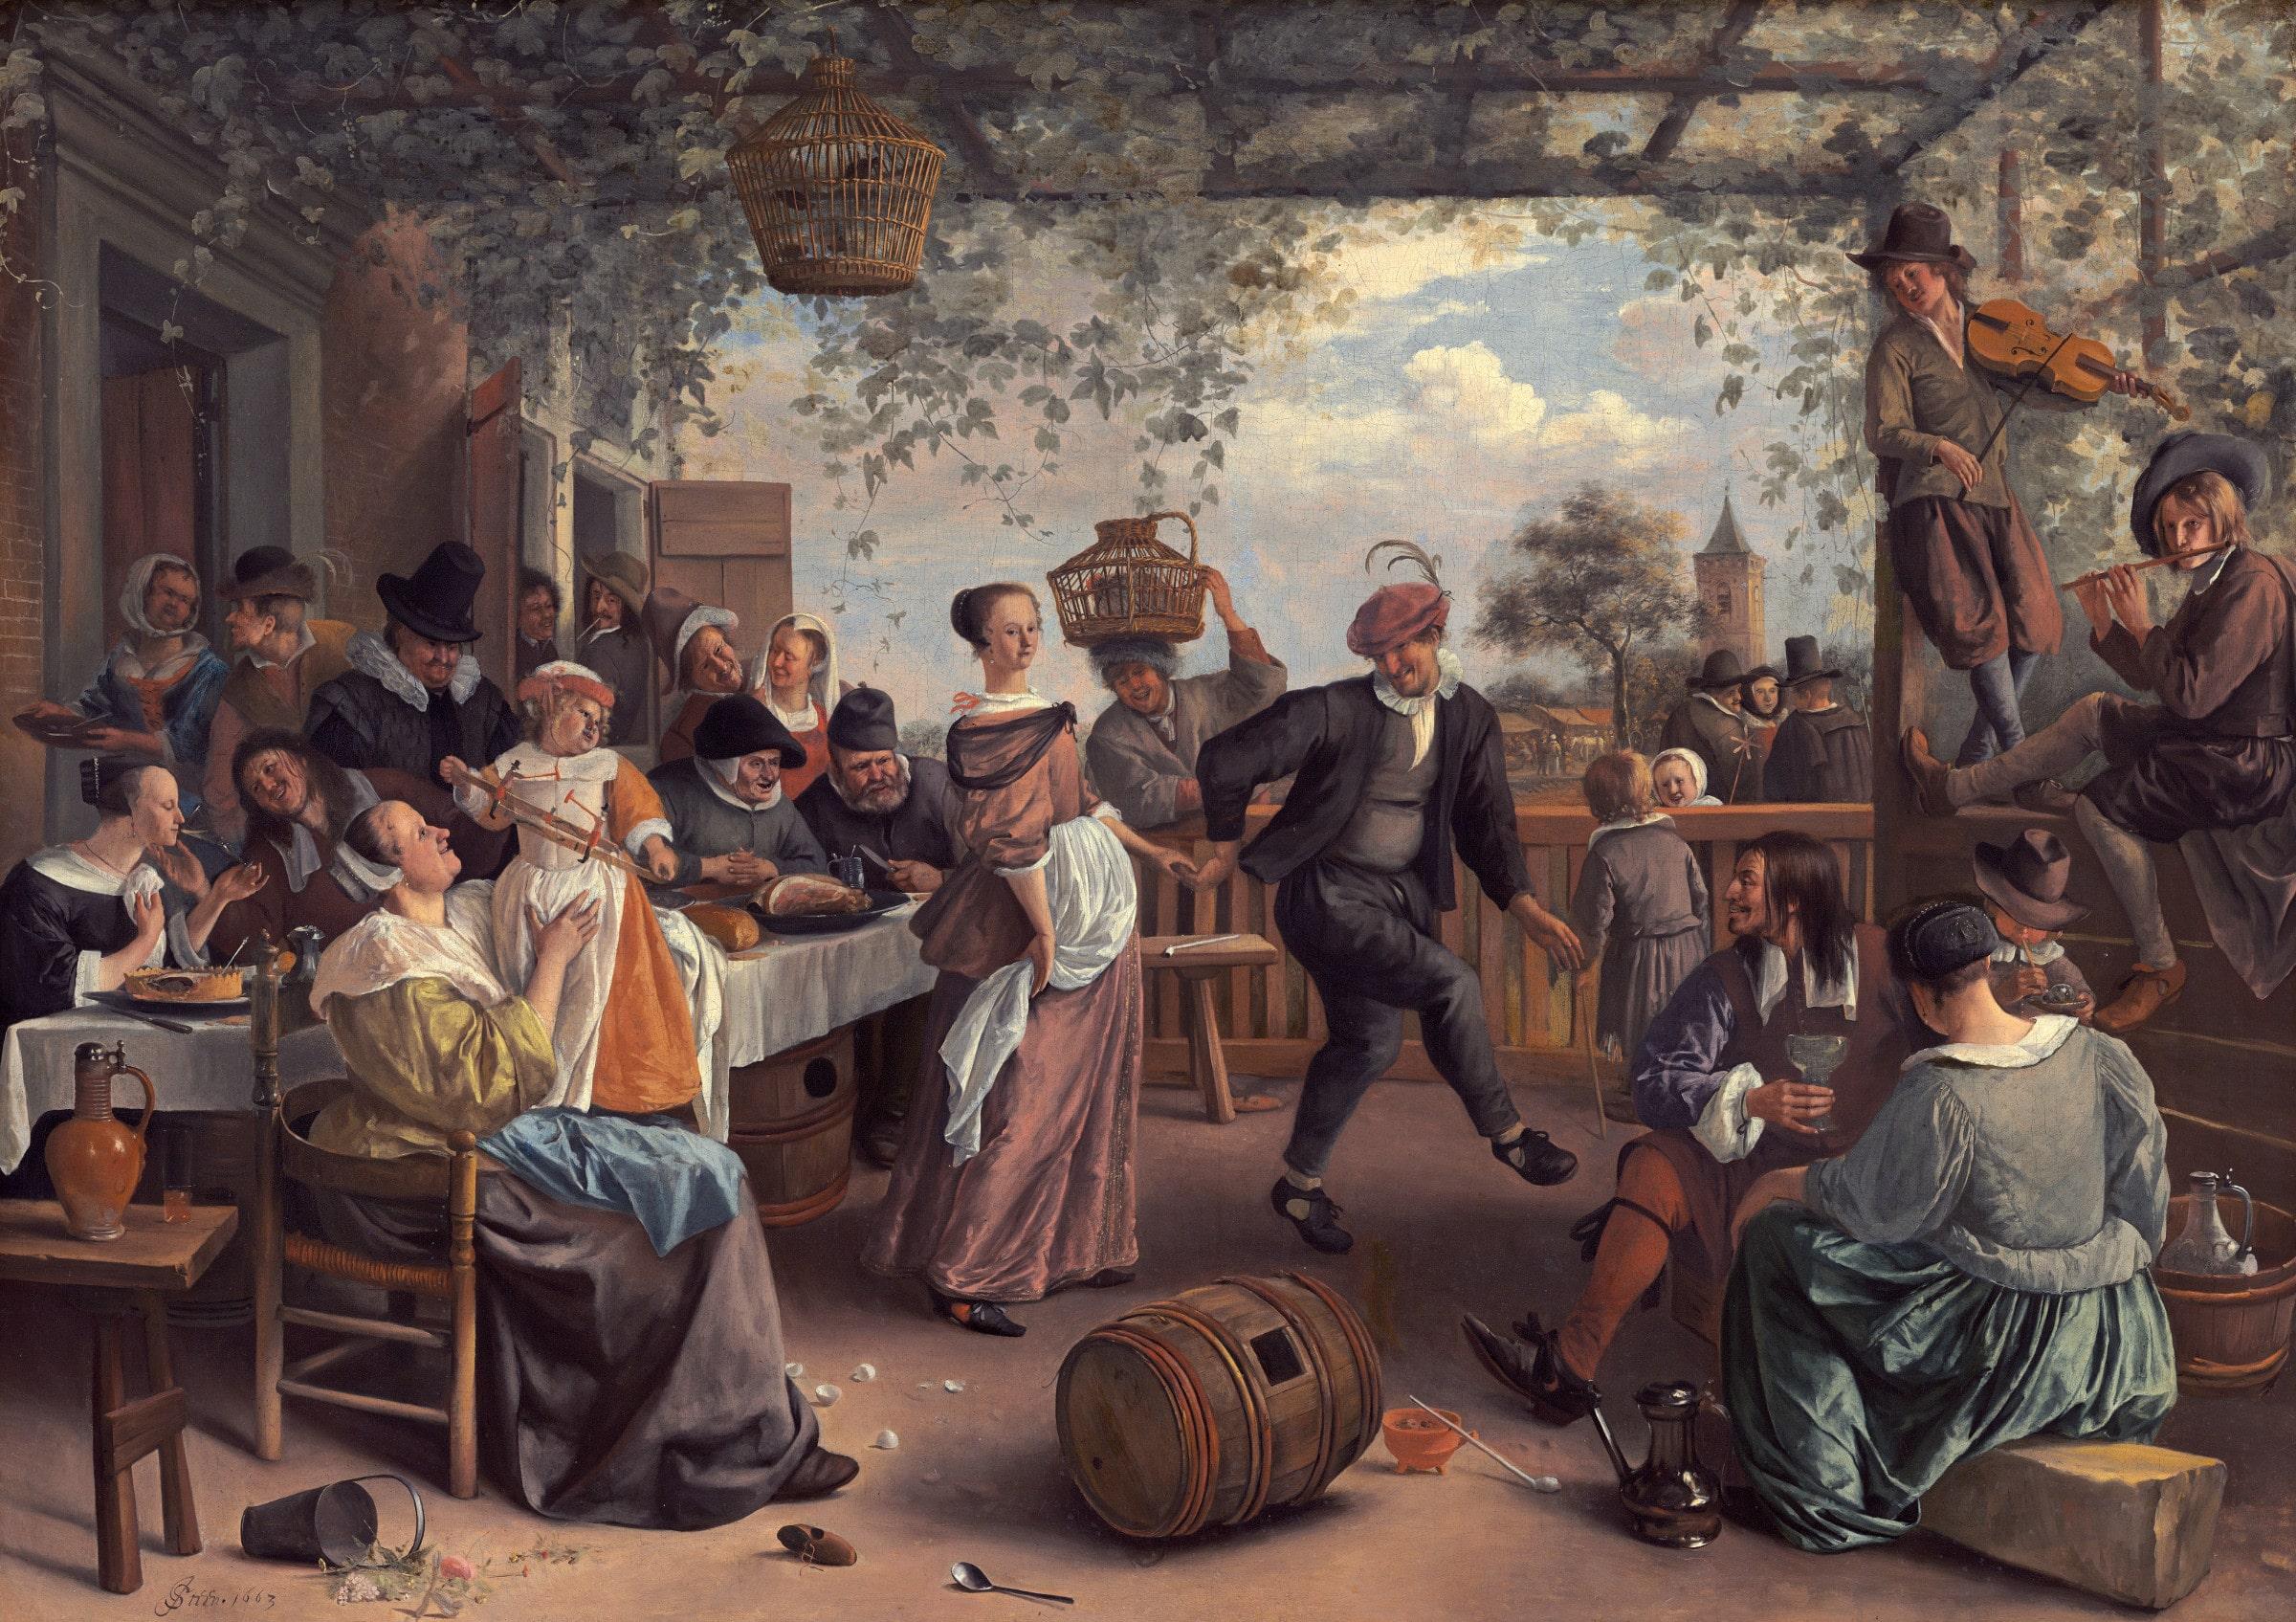 The Dancing Couple, Jan Steen (1663) - La danza dell'uovo dei giovani fidanzati